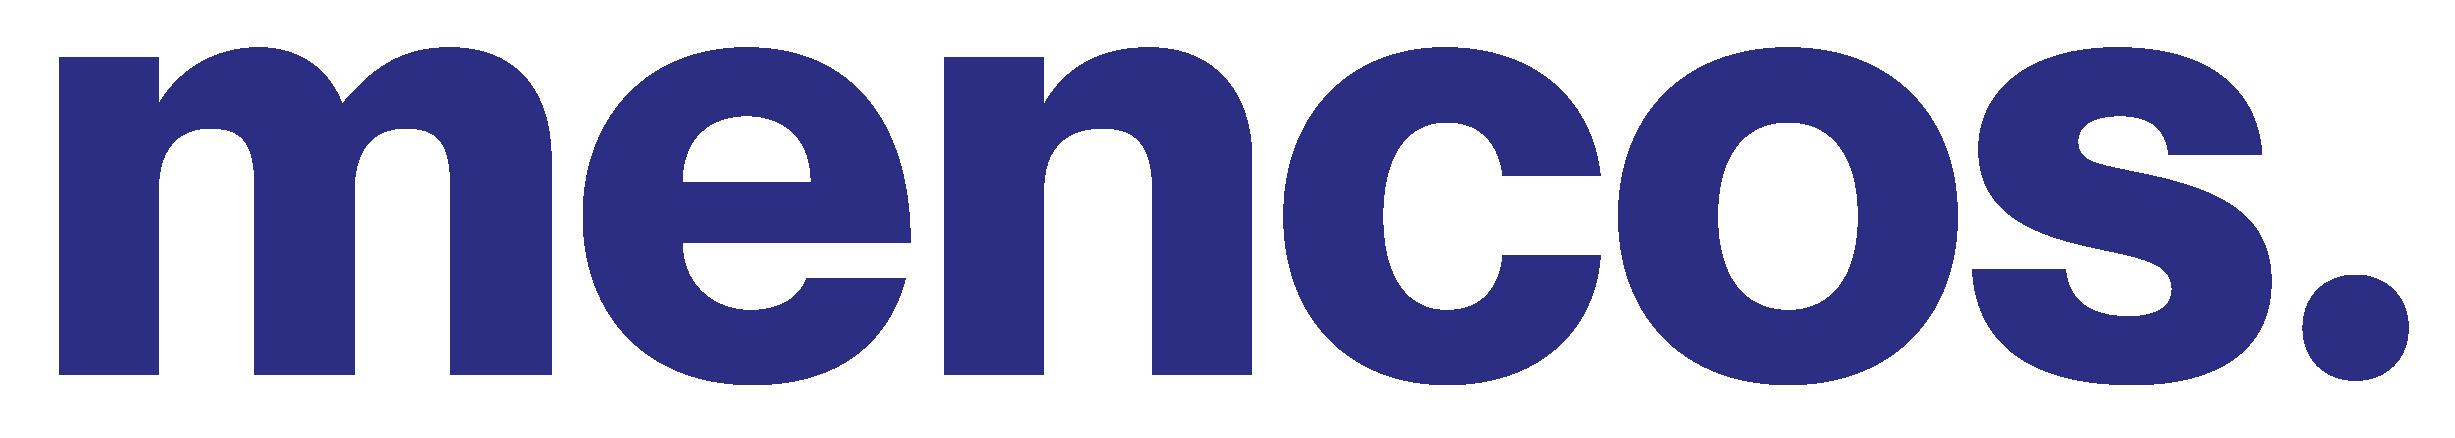 メンコス|メンズコスメの総合サイト